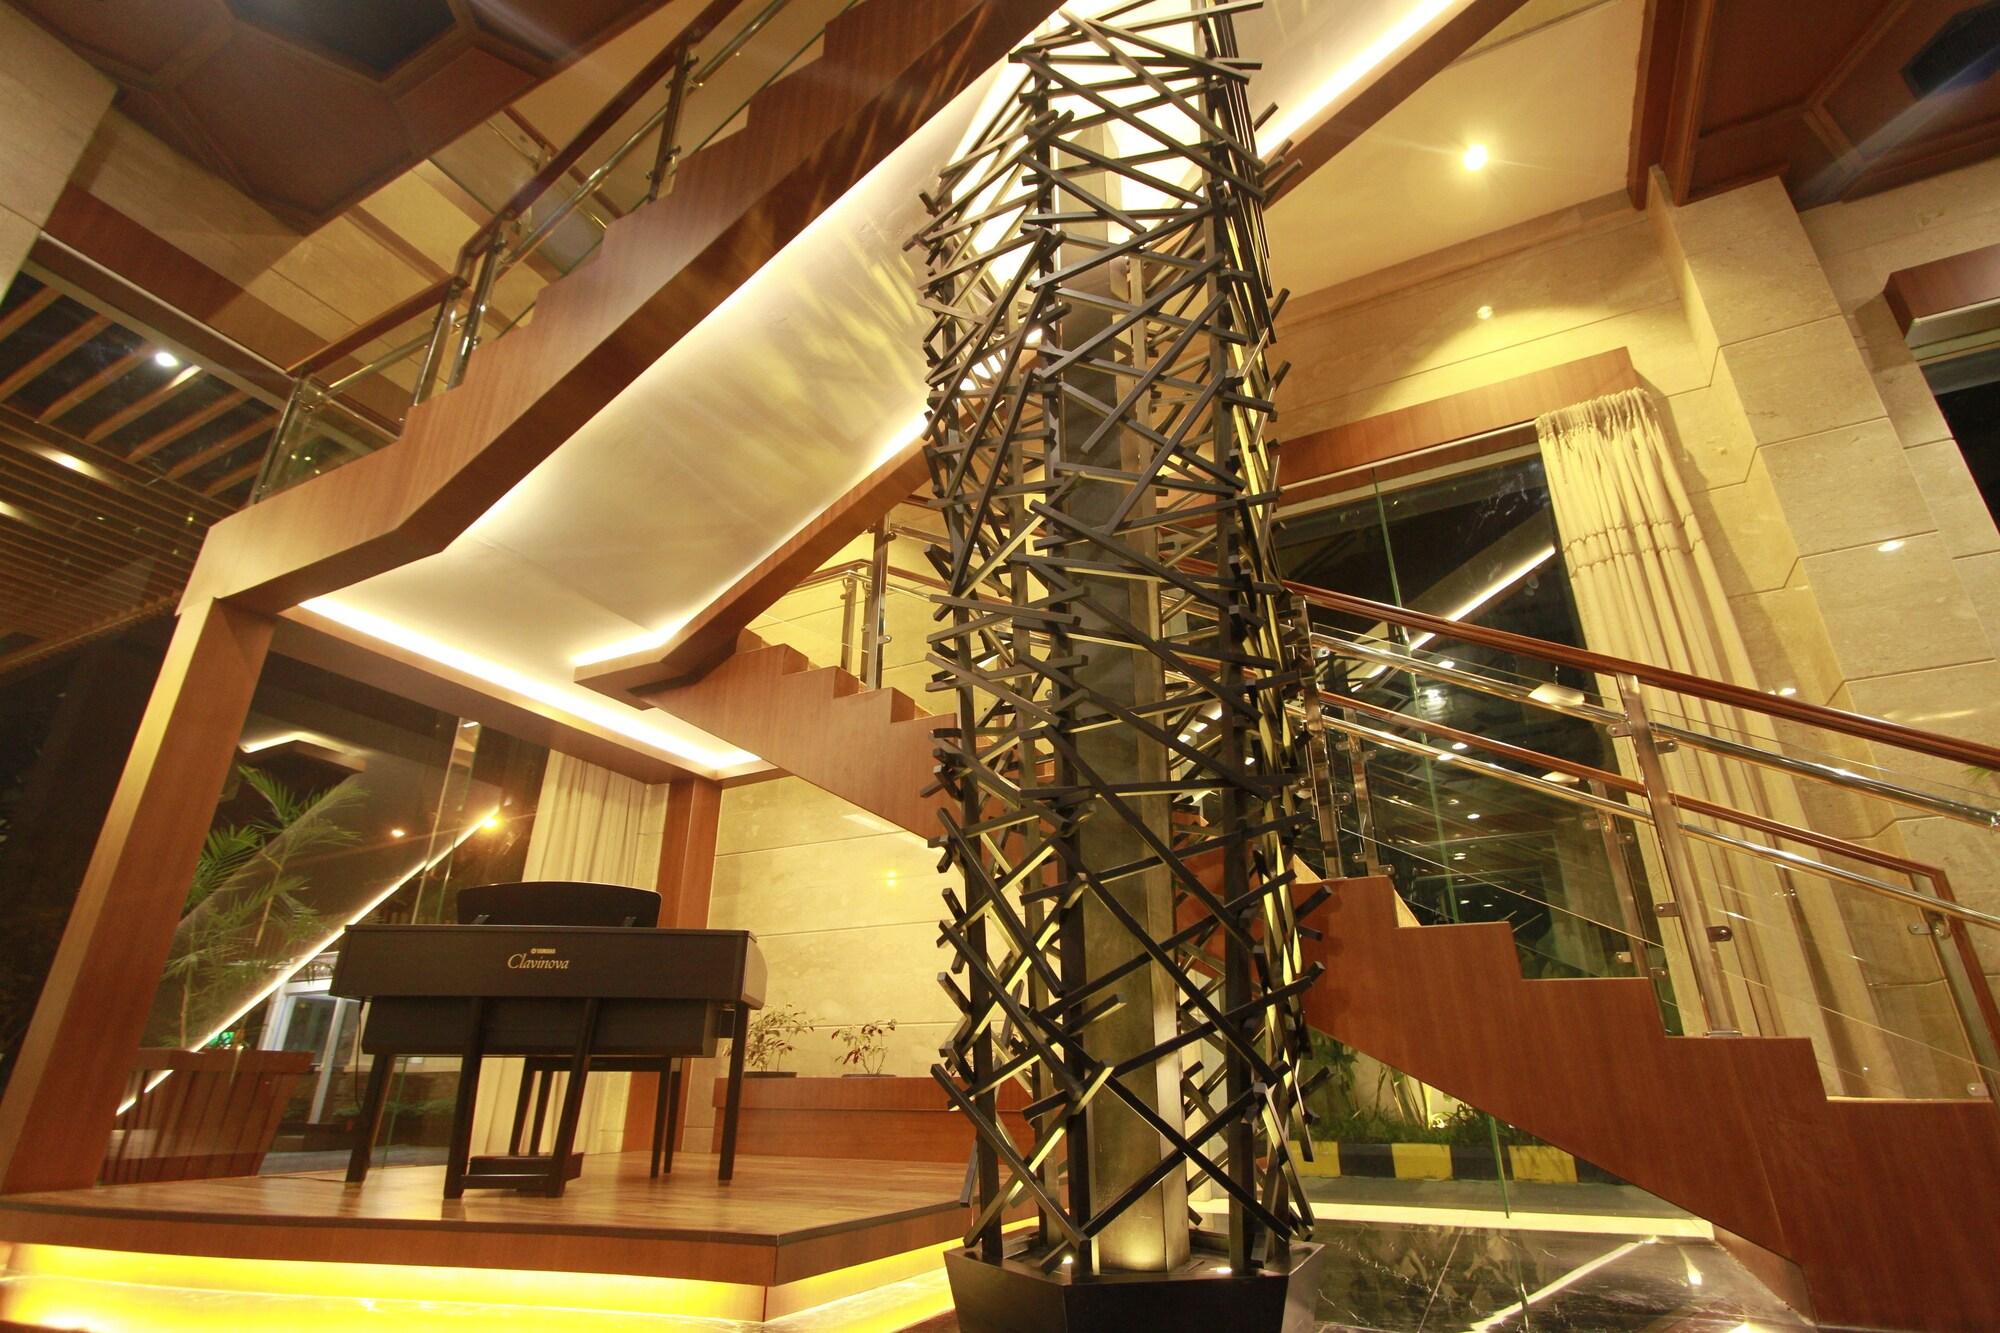 Da Vienna Boutique Hotel, Batam